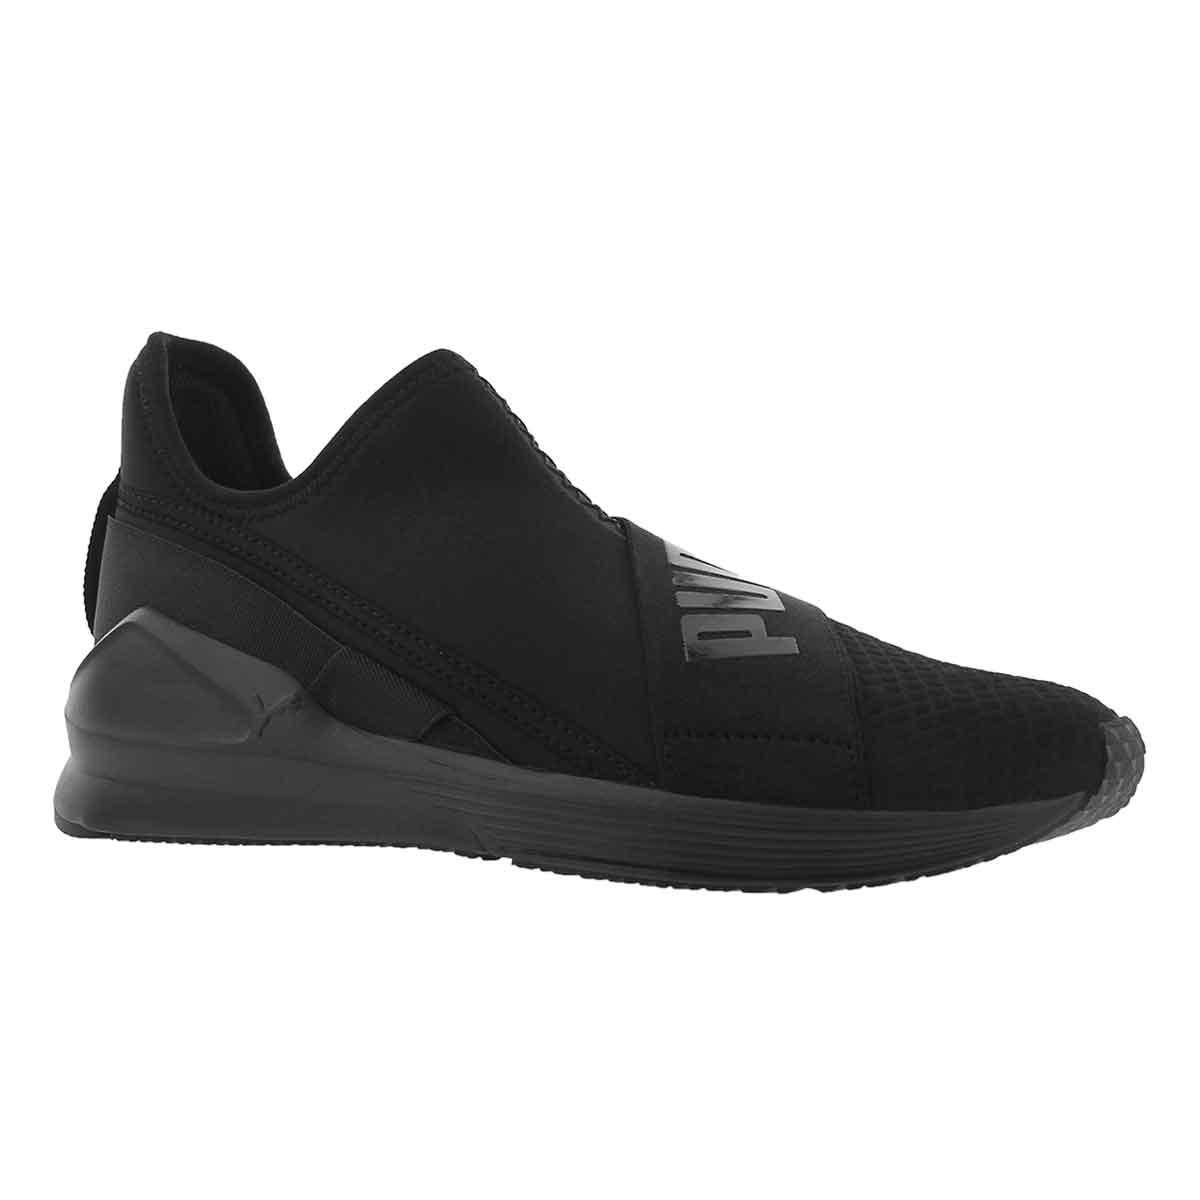 Women's FIERCE SLIP ON black sneakers